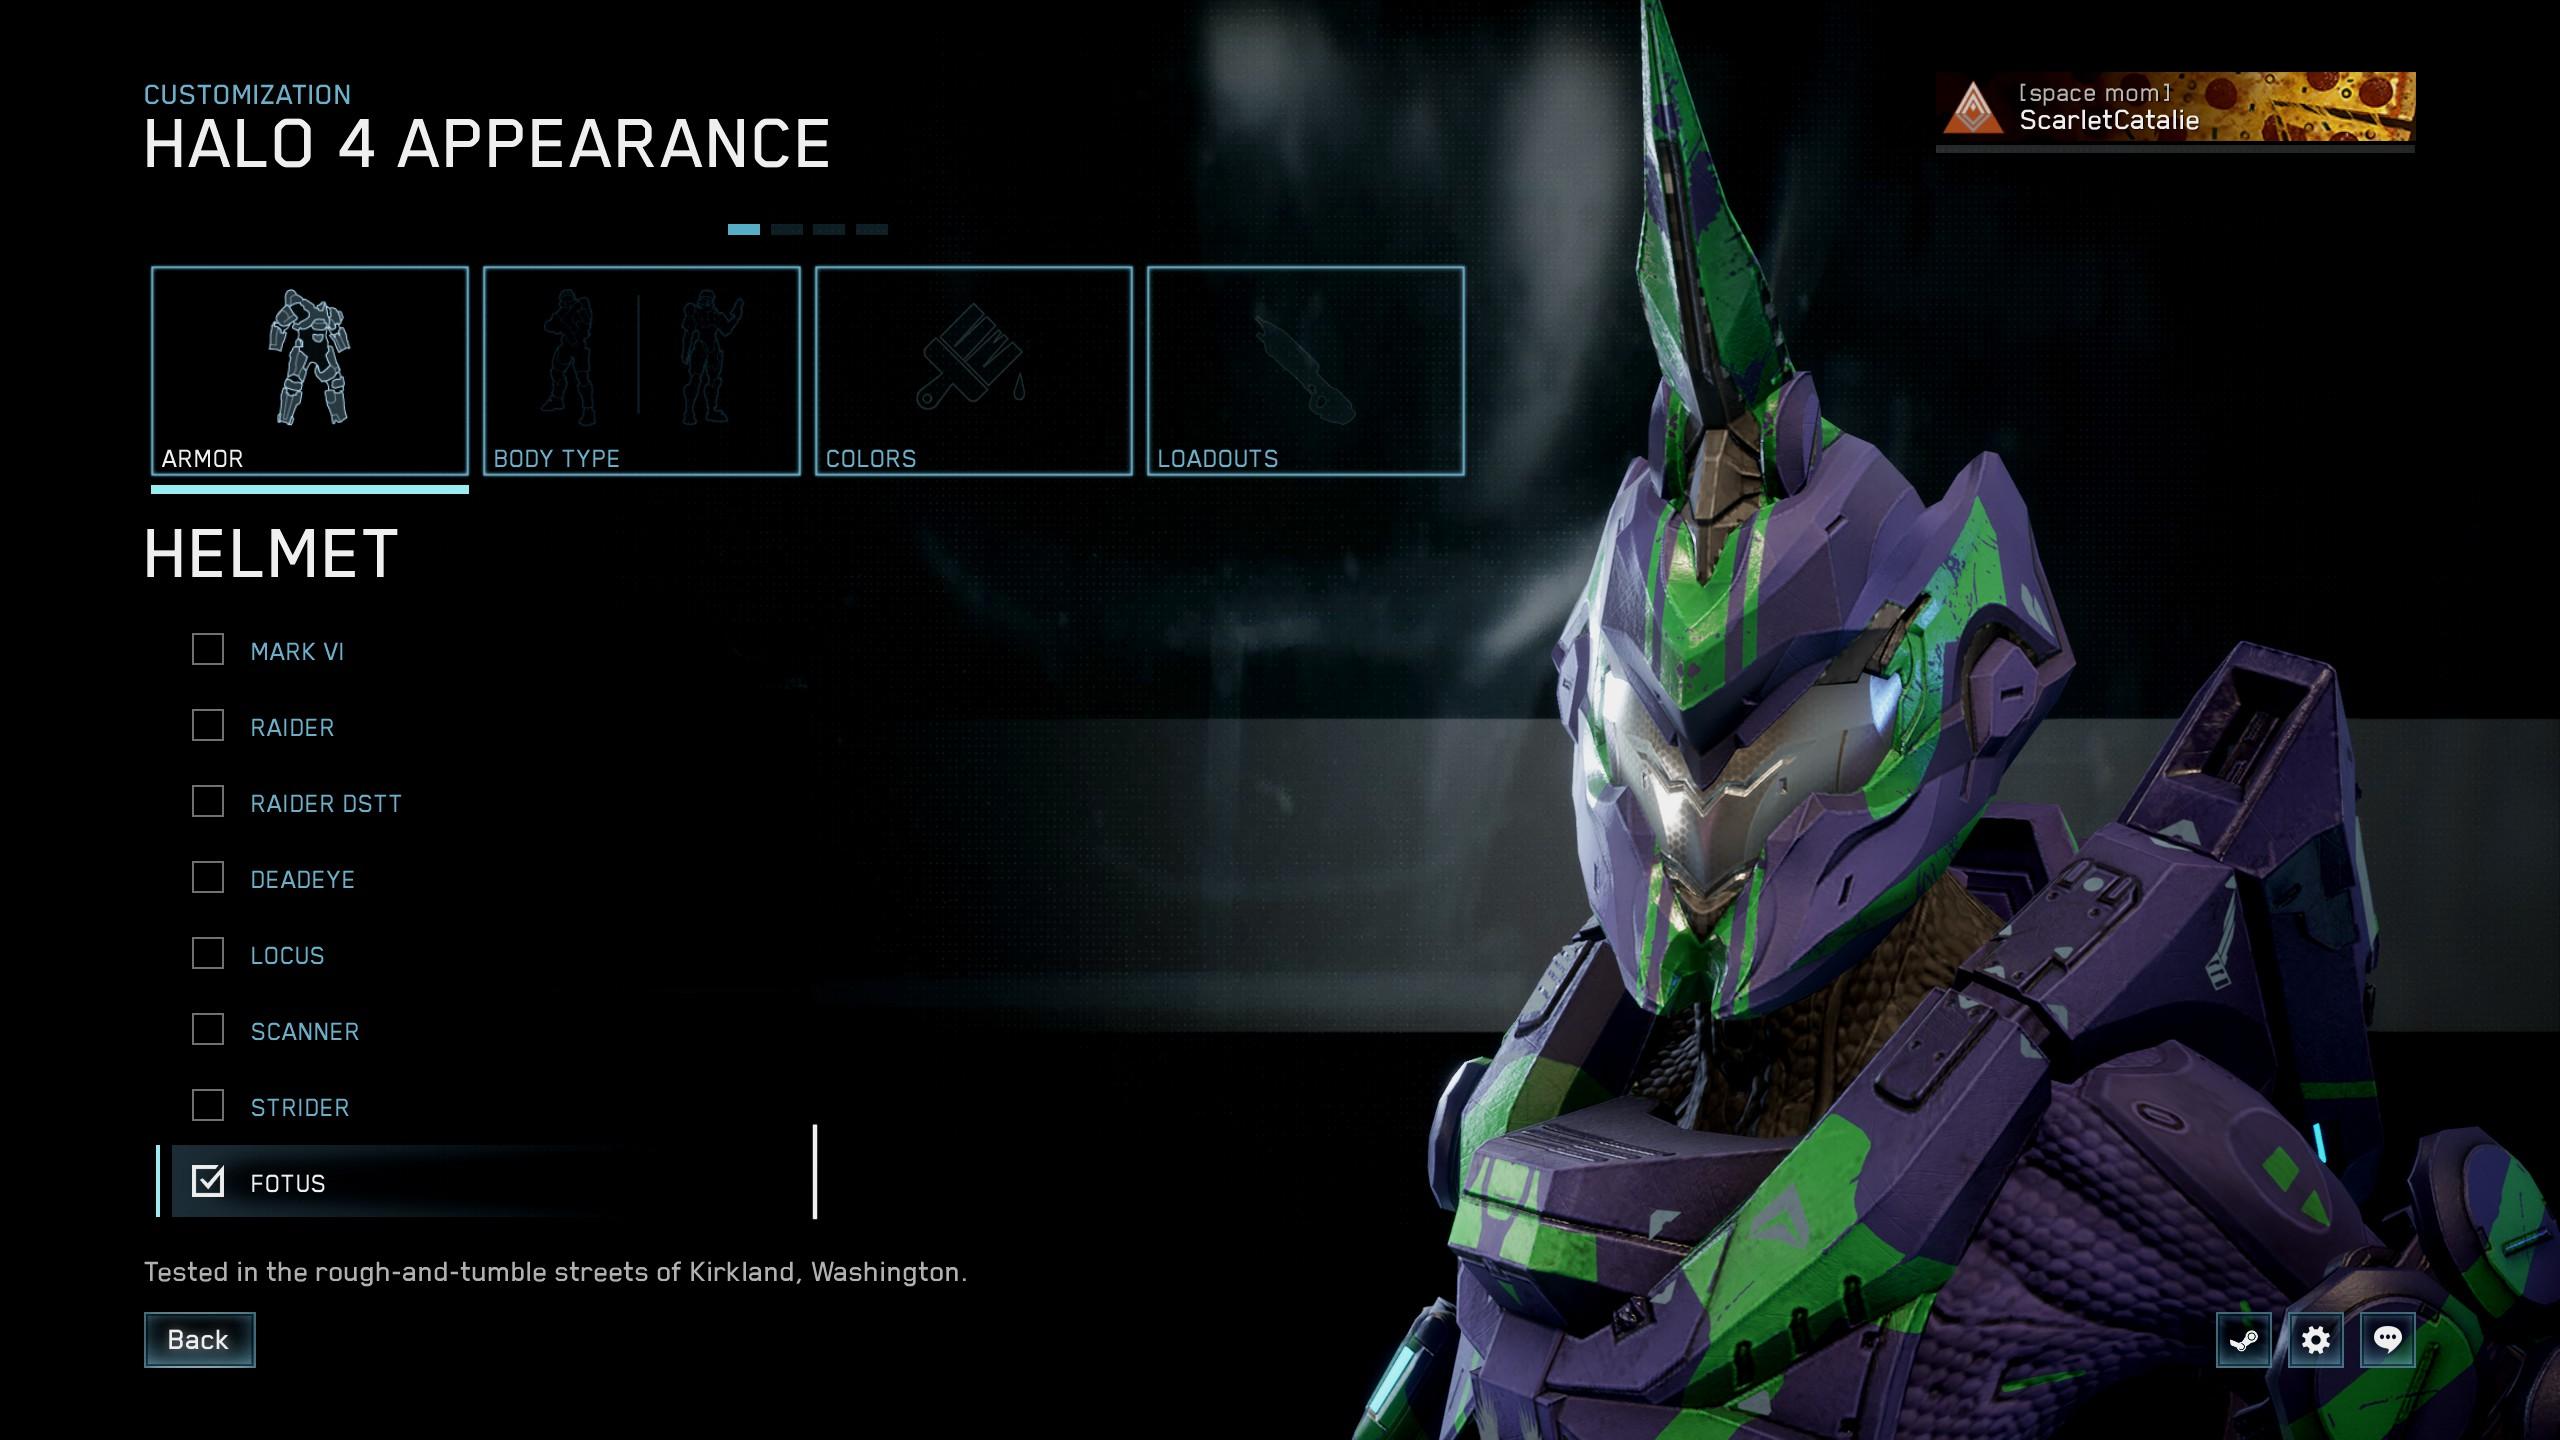 Halo 4 customisation screen